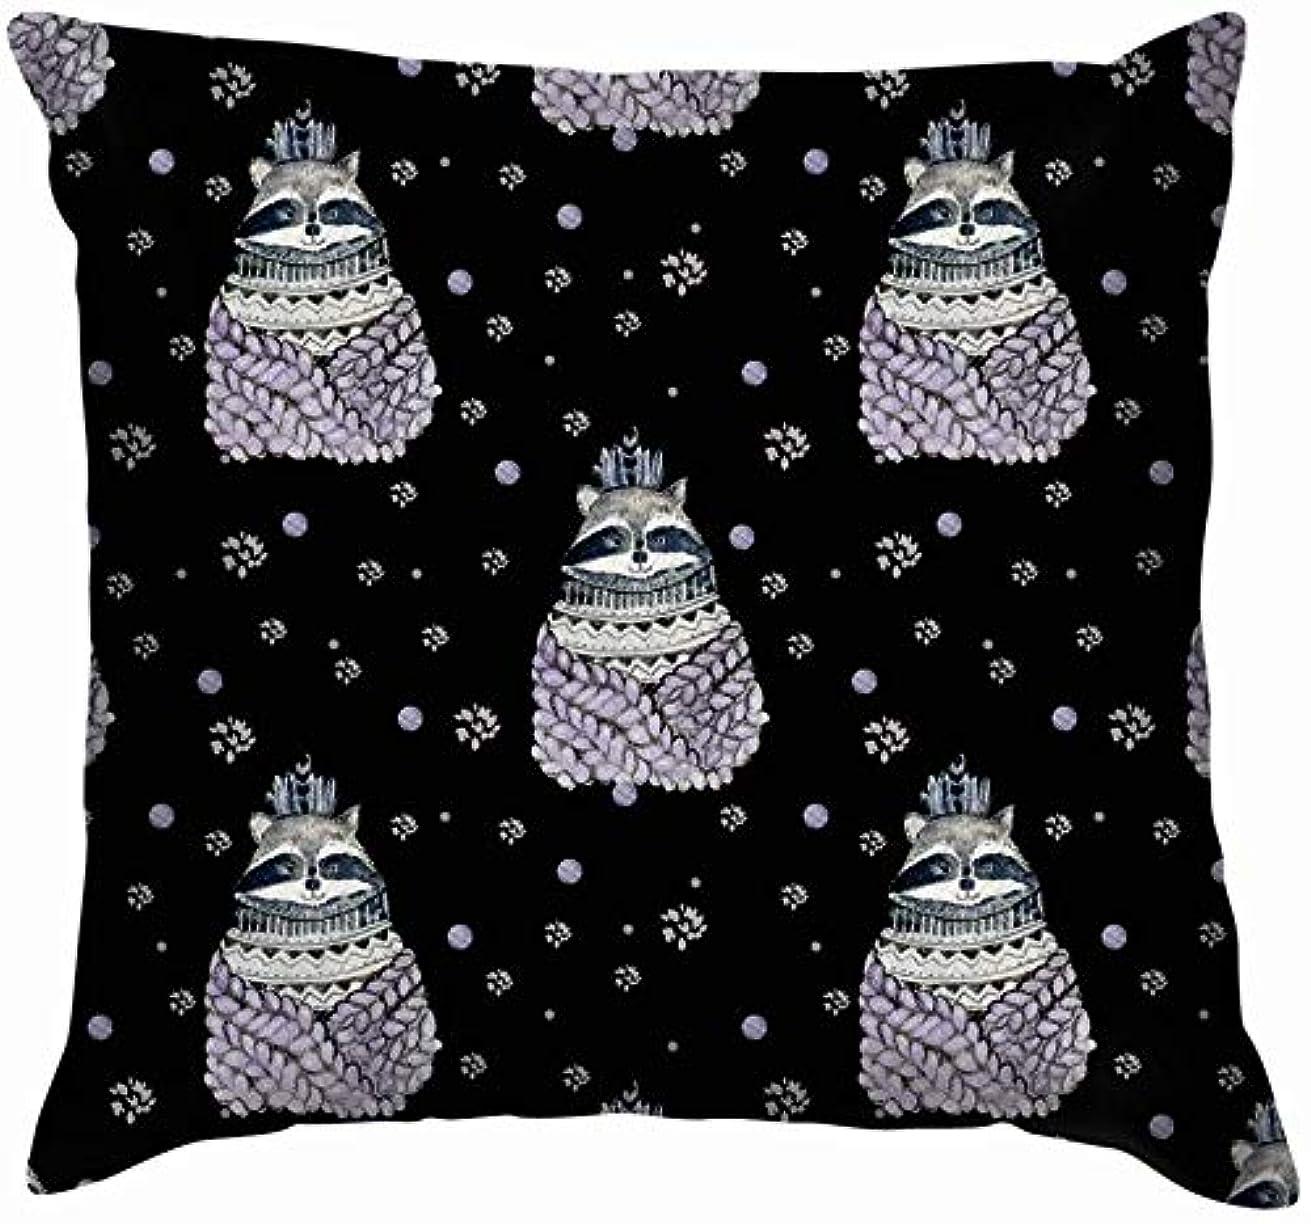 内訳ハーブ宙返りアライグマの羽毛布水彩動物野生動物スロー枕カバーホームソファクッションカバー枕ギフト45×45センチ